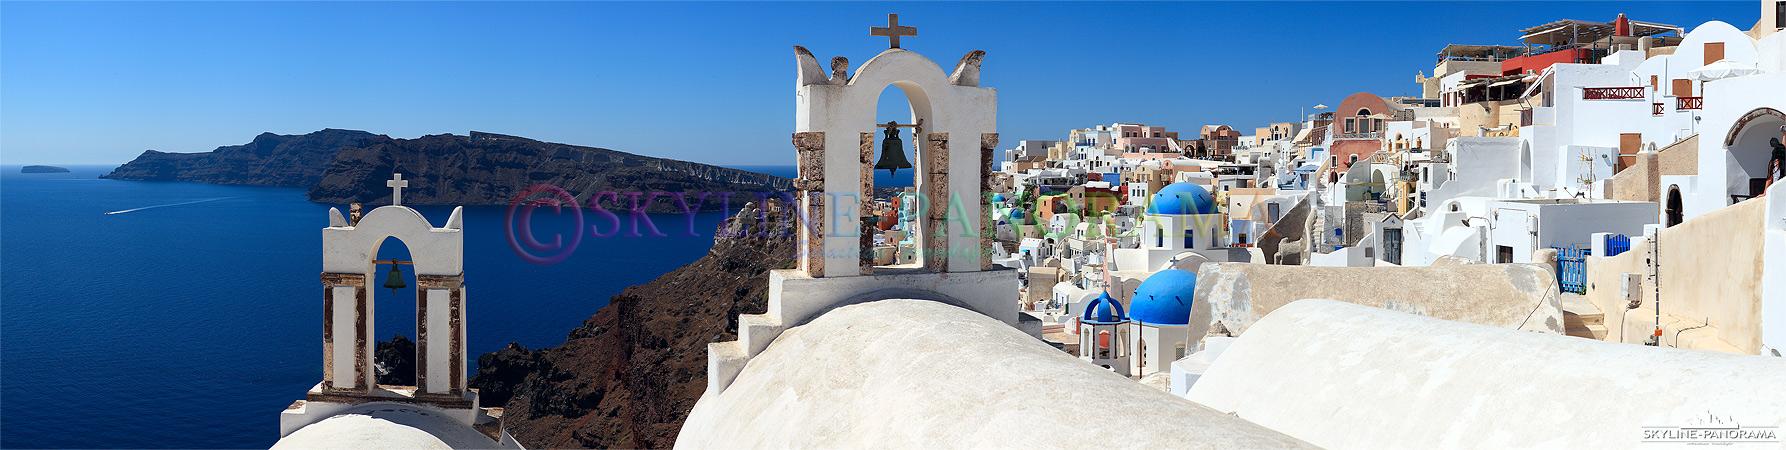 Das Dorf Oia, am nördlichen Ende der Griechischen Insel Santorini, zählt zu den schönsten Orten der gesamten Kykladen - hier ist Griechenland am griechischsten.